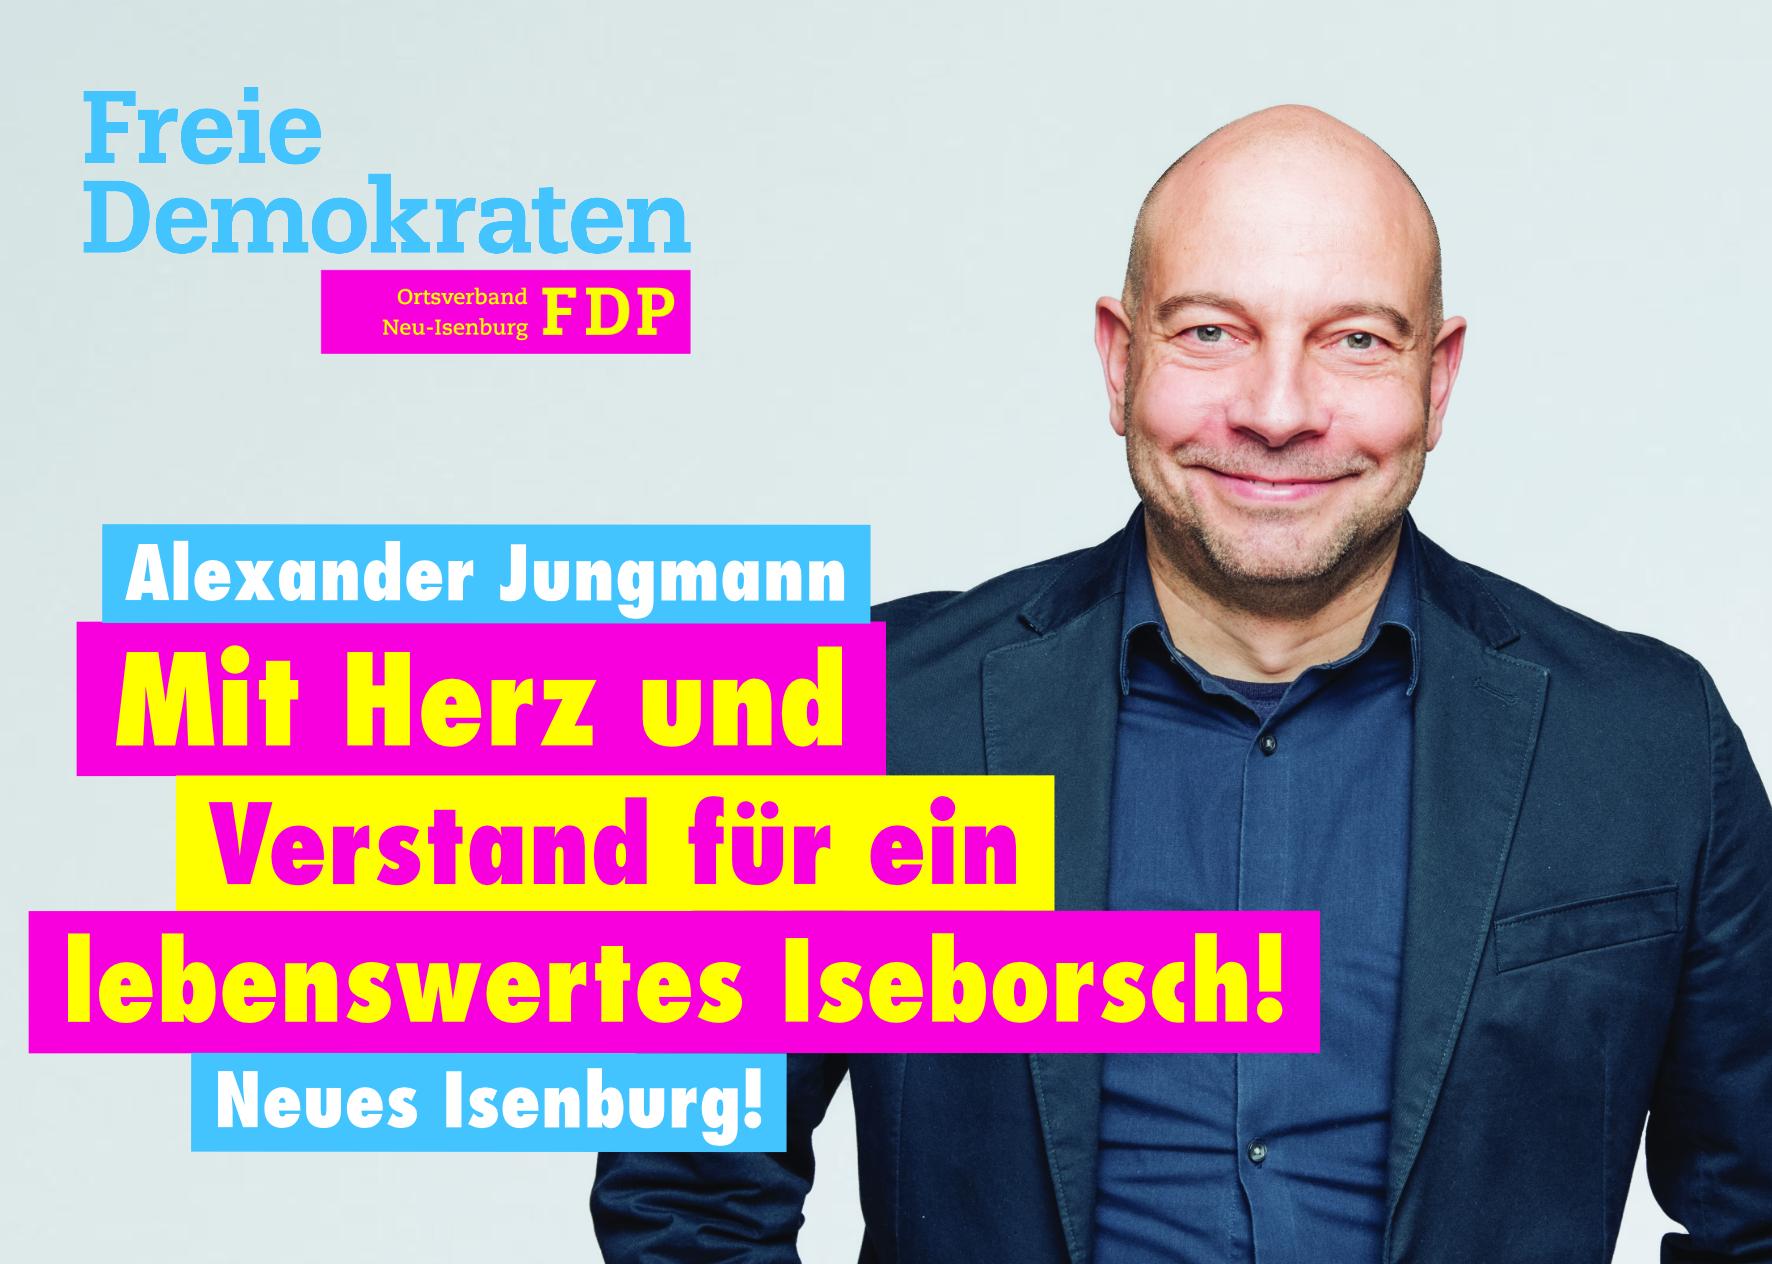 Alexander Jungmann, Listenplatz 4. zur Kommunalwahl am 14. März 2021 in Neu-Isenburg und Listenplatz 1 zur Ortsbeiratswahl in Gravenbruch.